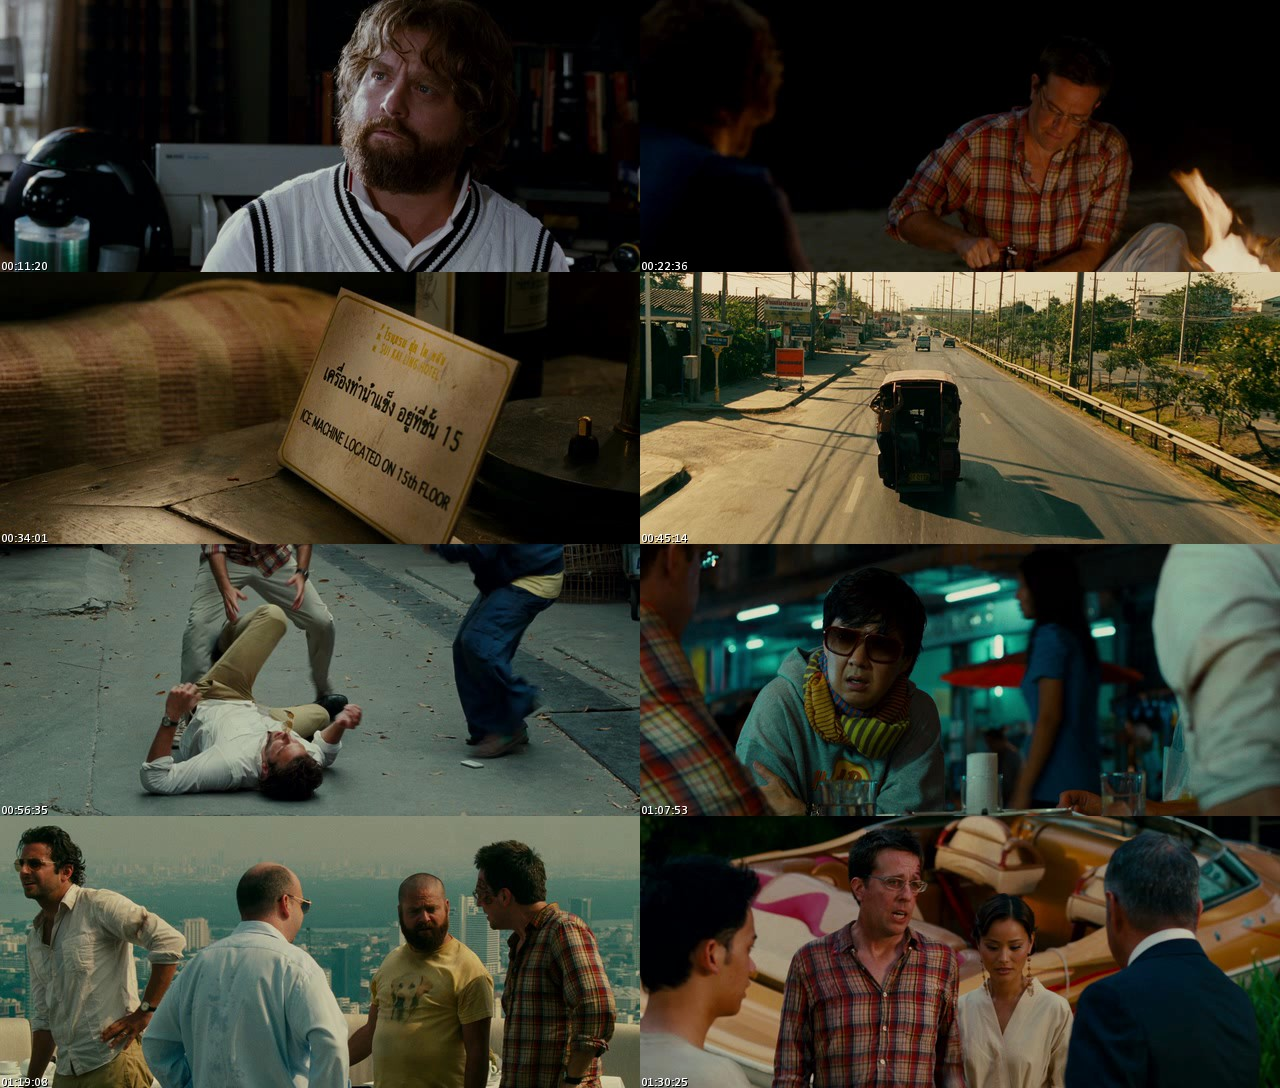 Hangover Part II: ¿Qué Pasó Ayer? 2 (2011) [DVDRip] [Latino]